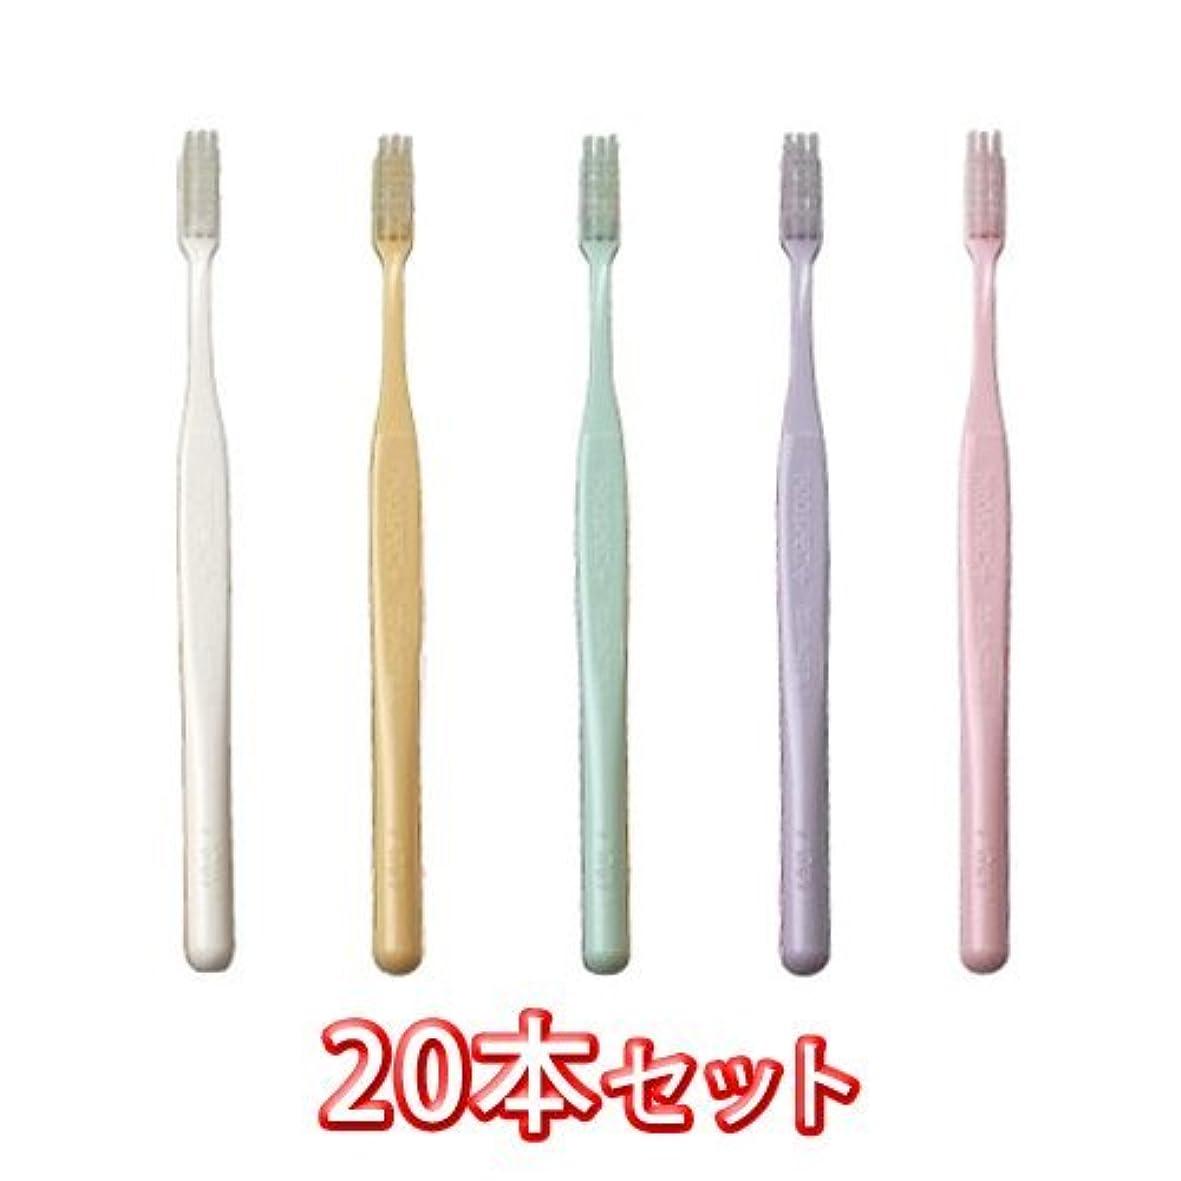 アセンブリ北へ光景プロスペック 歯ブラシ プラス コンパクトスリム 20本入 ふつう色 S やわらかめ